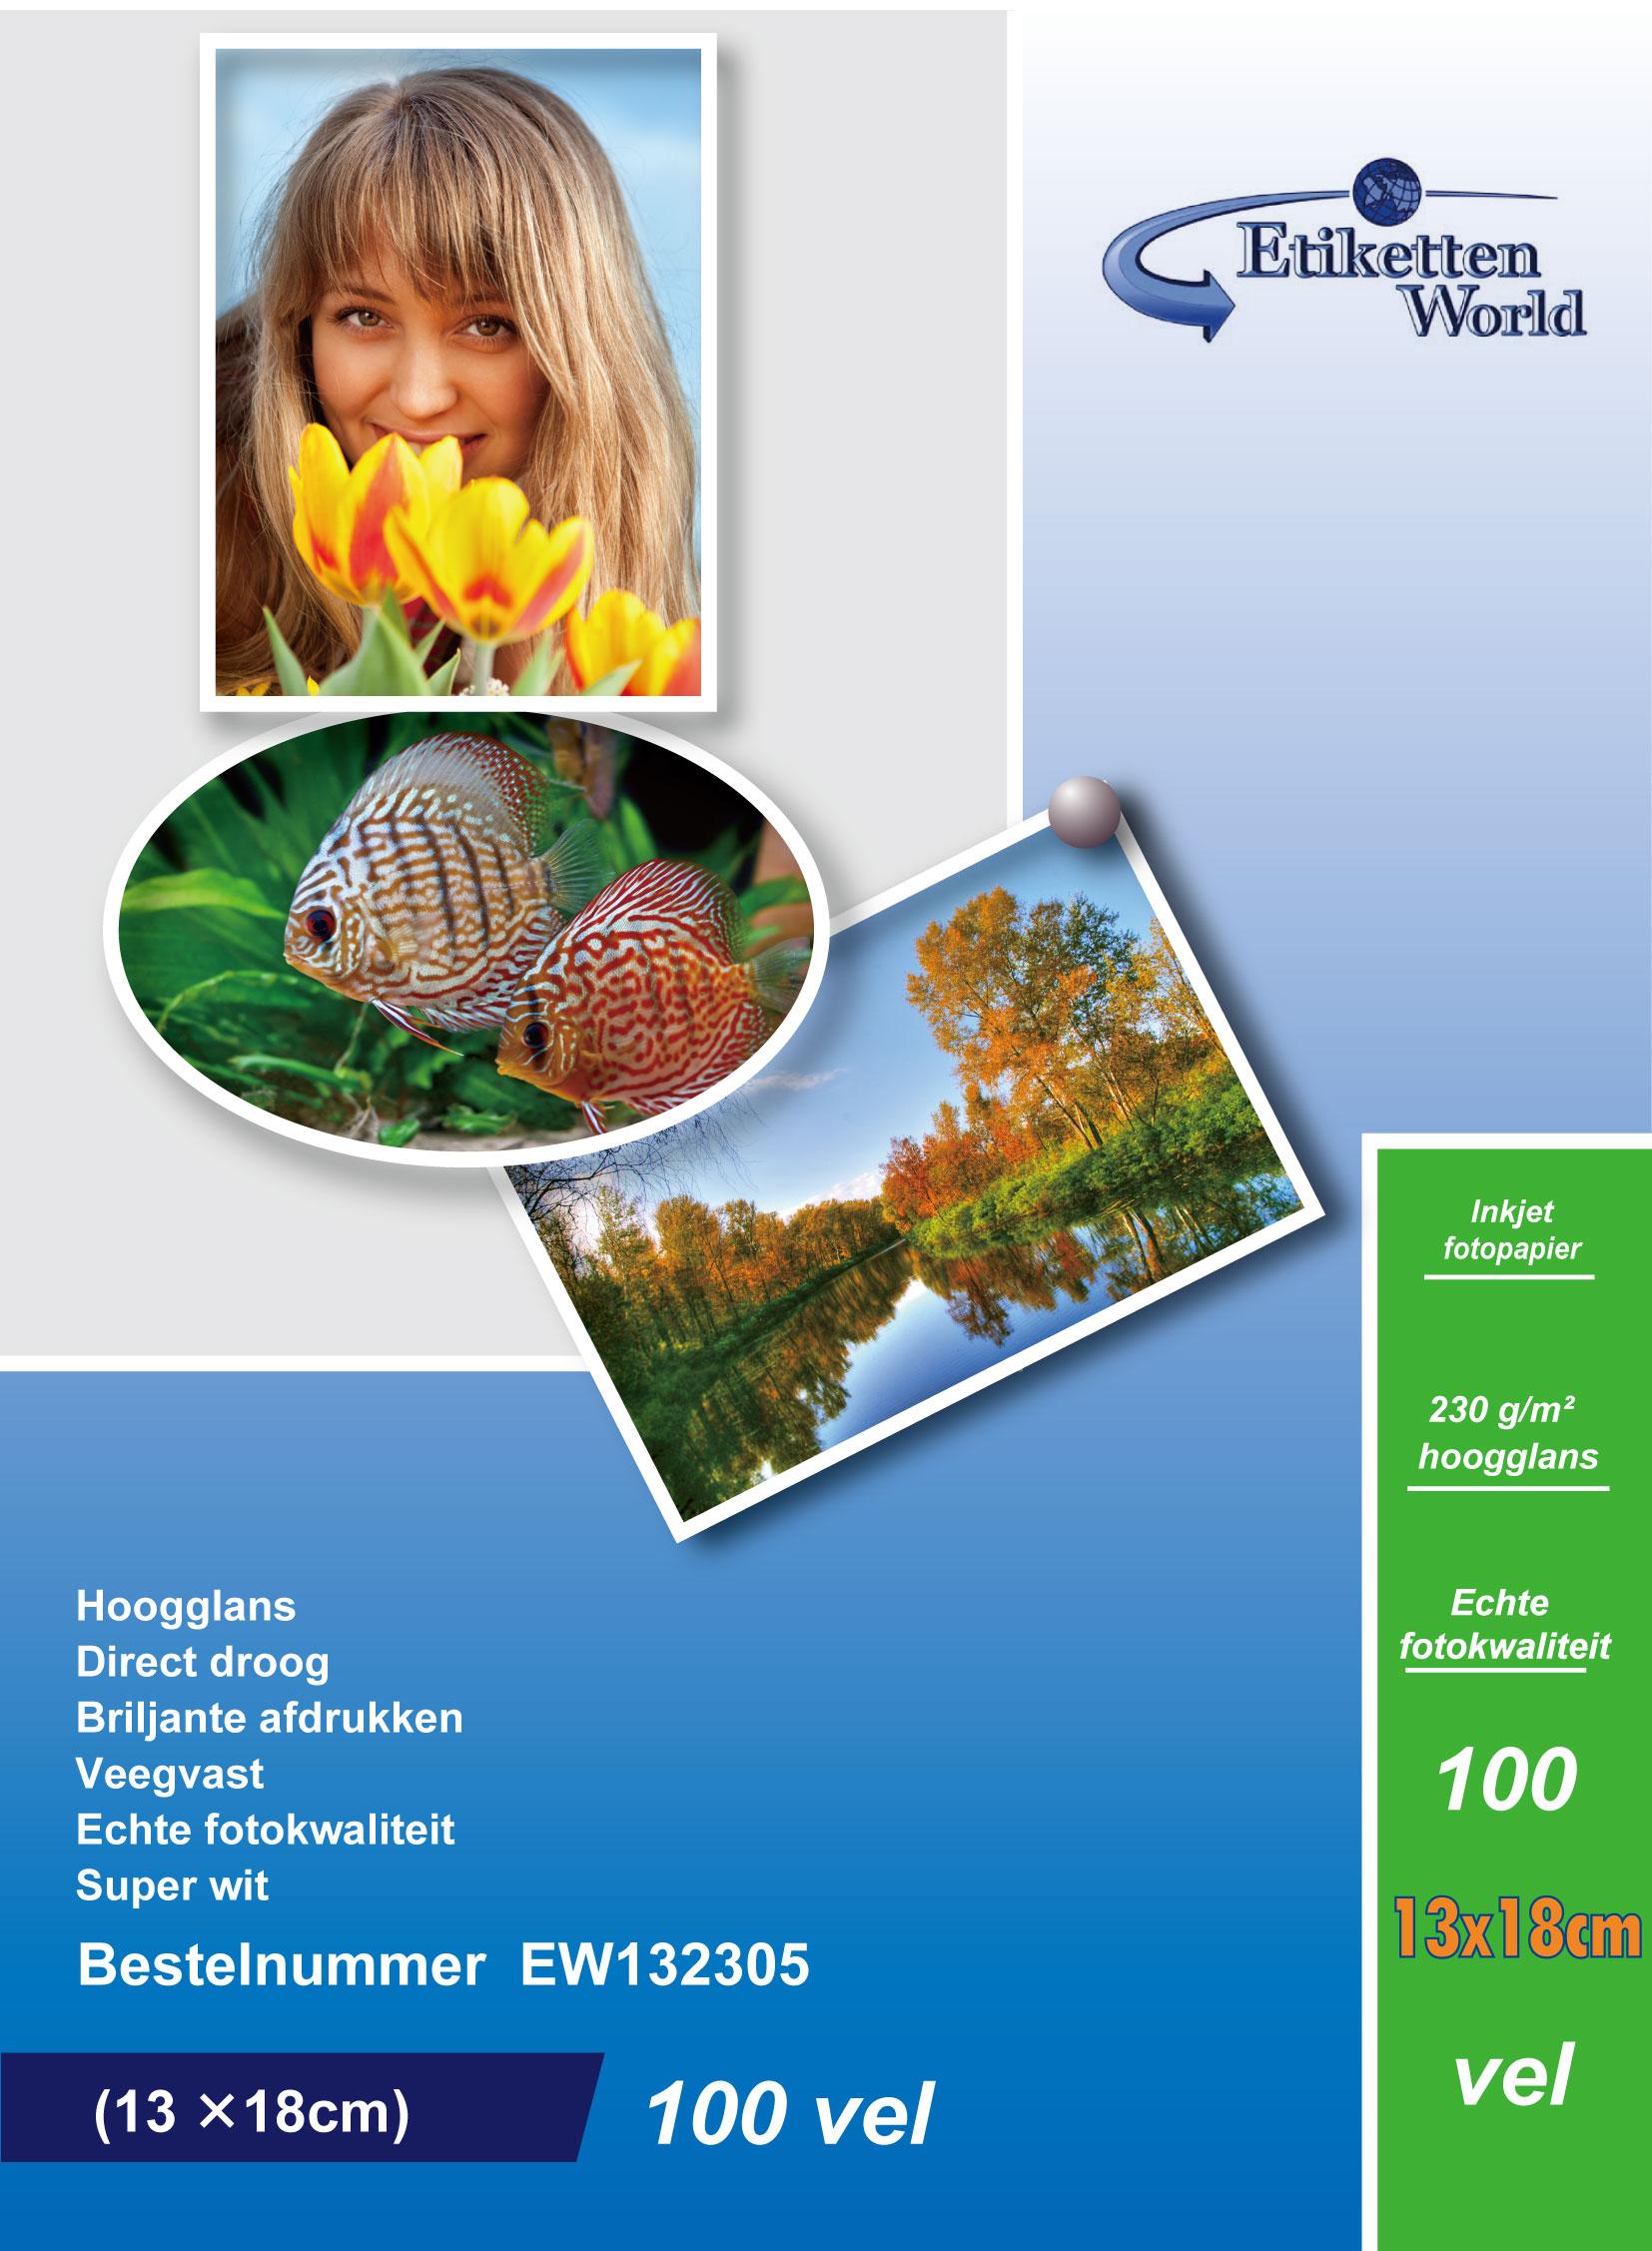 EtikettenWorld BV Fotopapier 13x18cm 230g/qm High Glossy und wasserfest